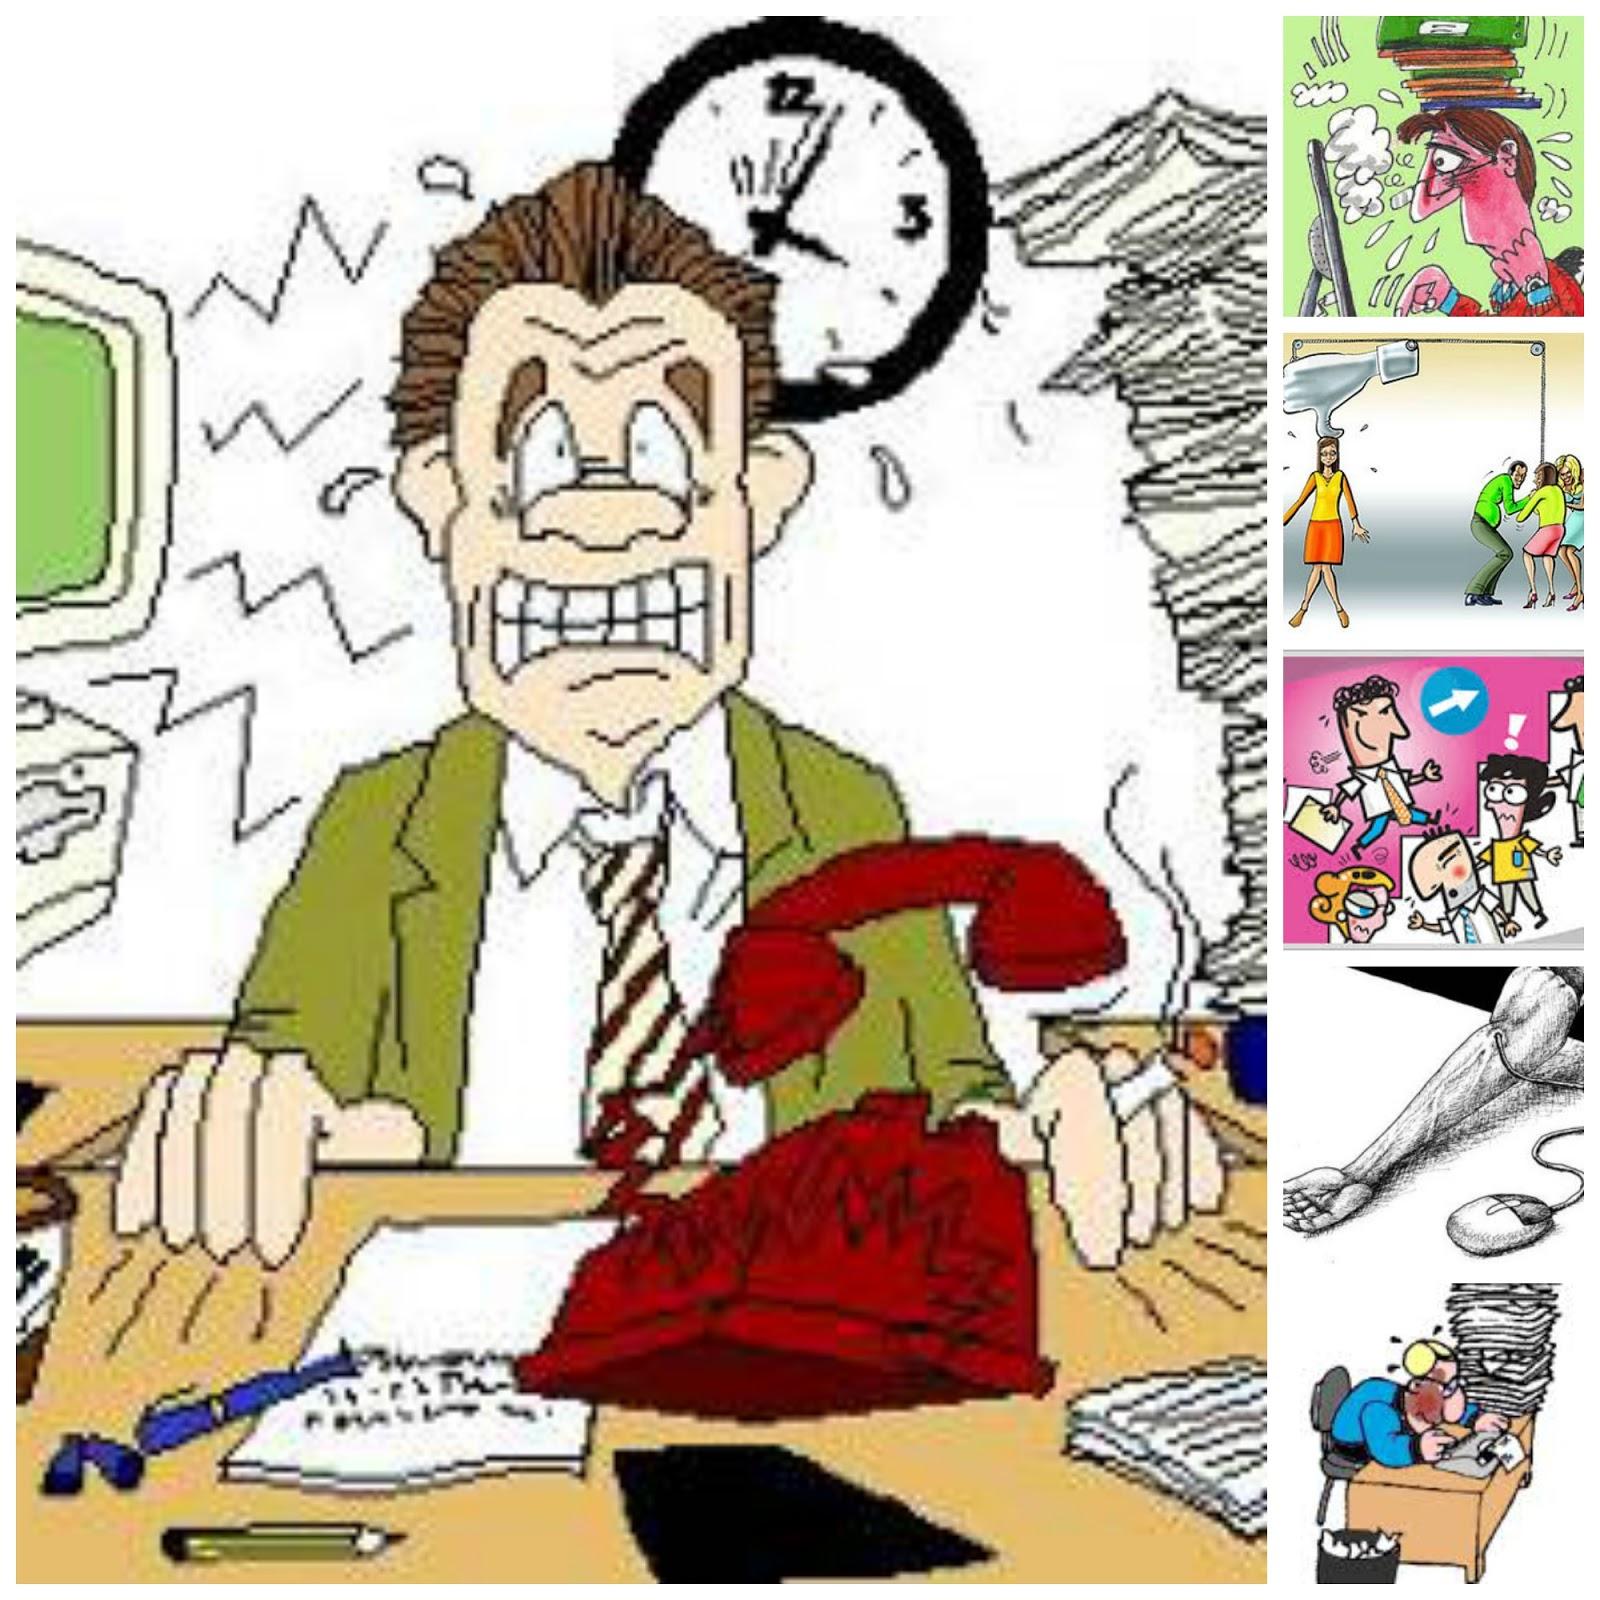 Riesgos Psicosociales Trabajo Y Bienestar Image Mag